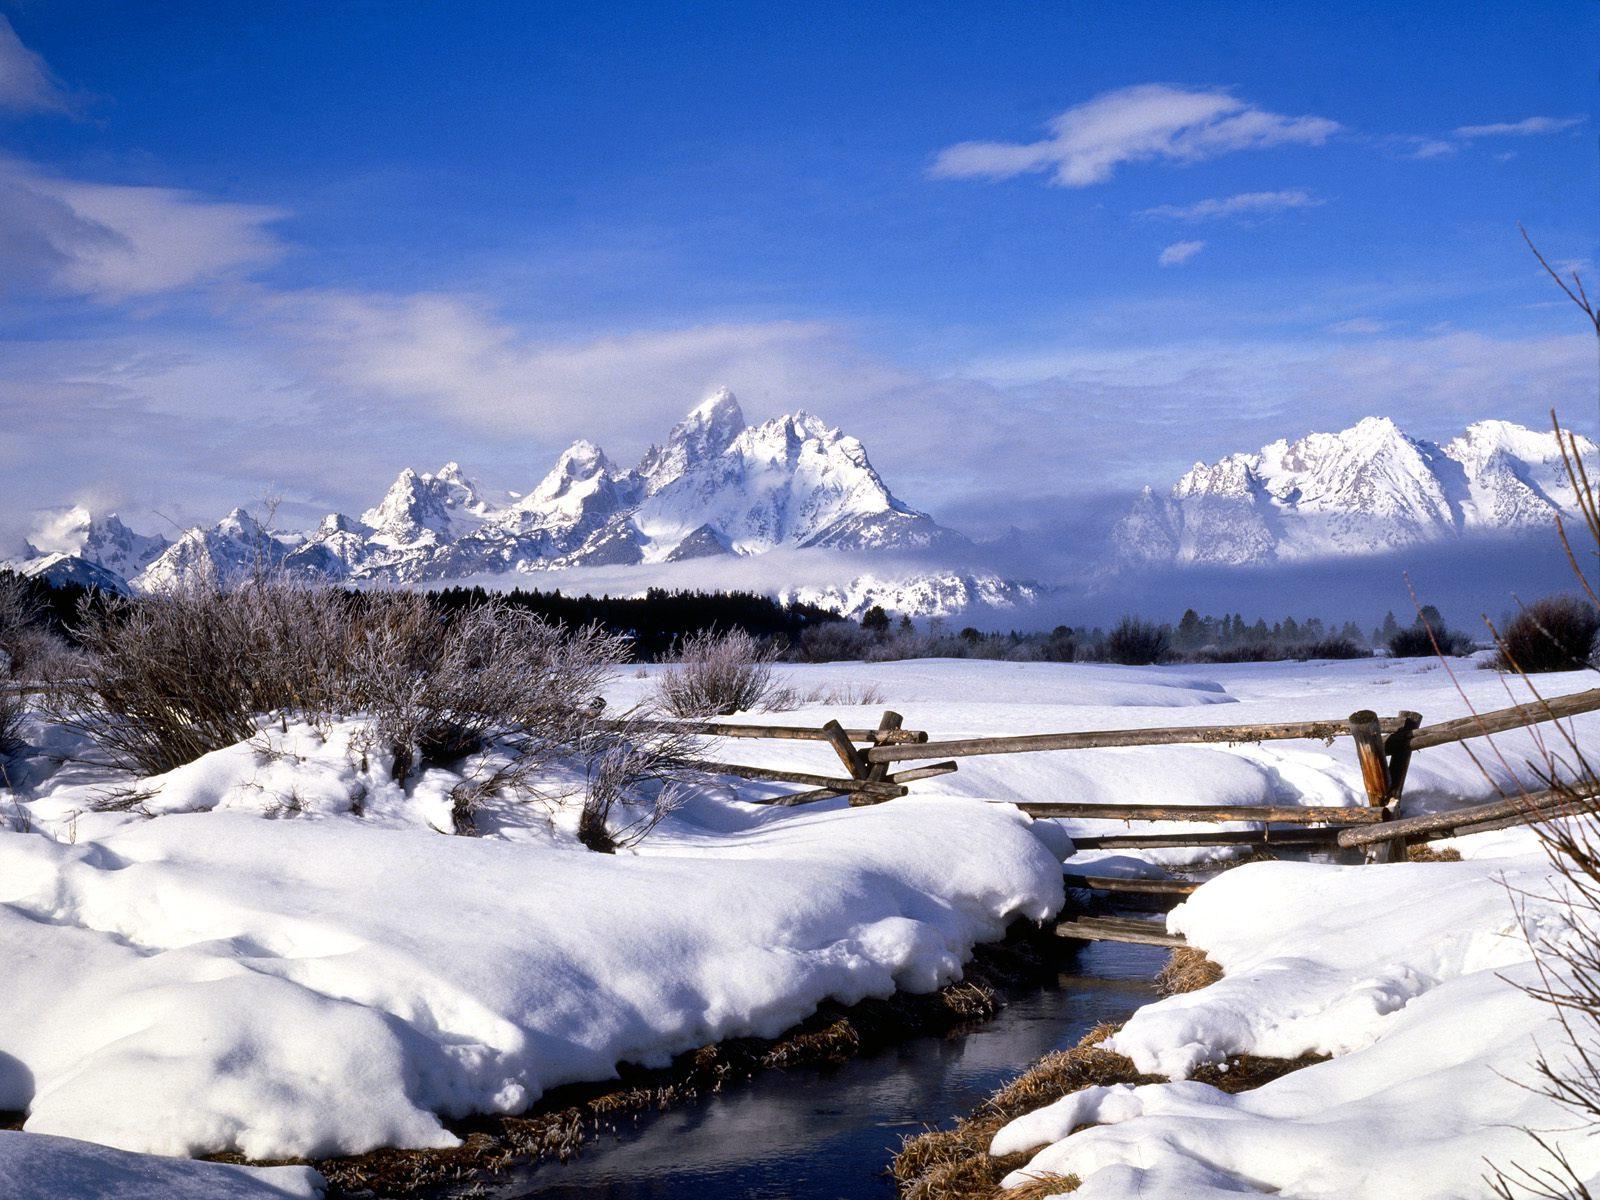 Wallpapers: Best Desktop HD Wallpapers: Snow Desktop